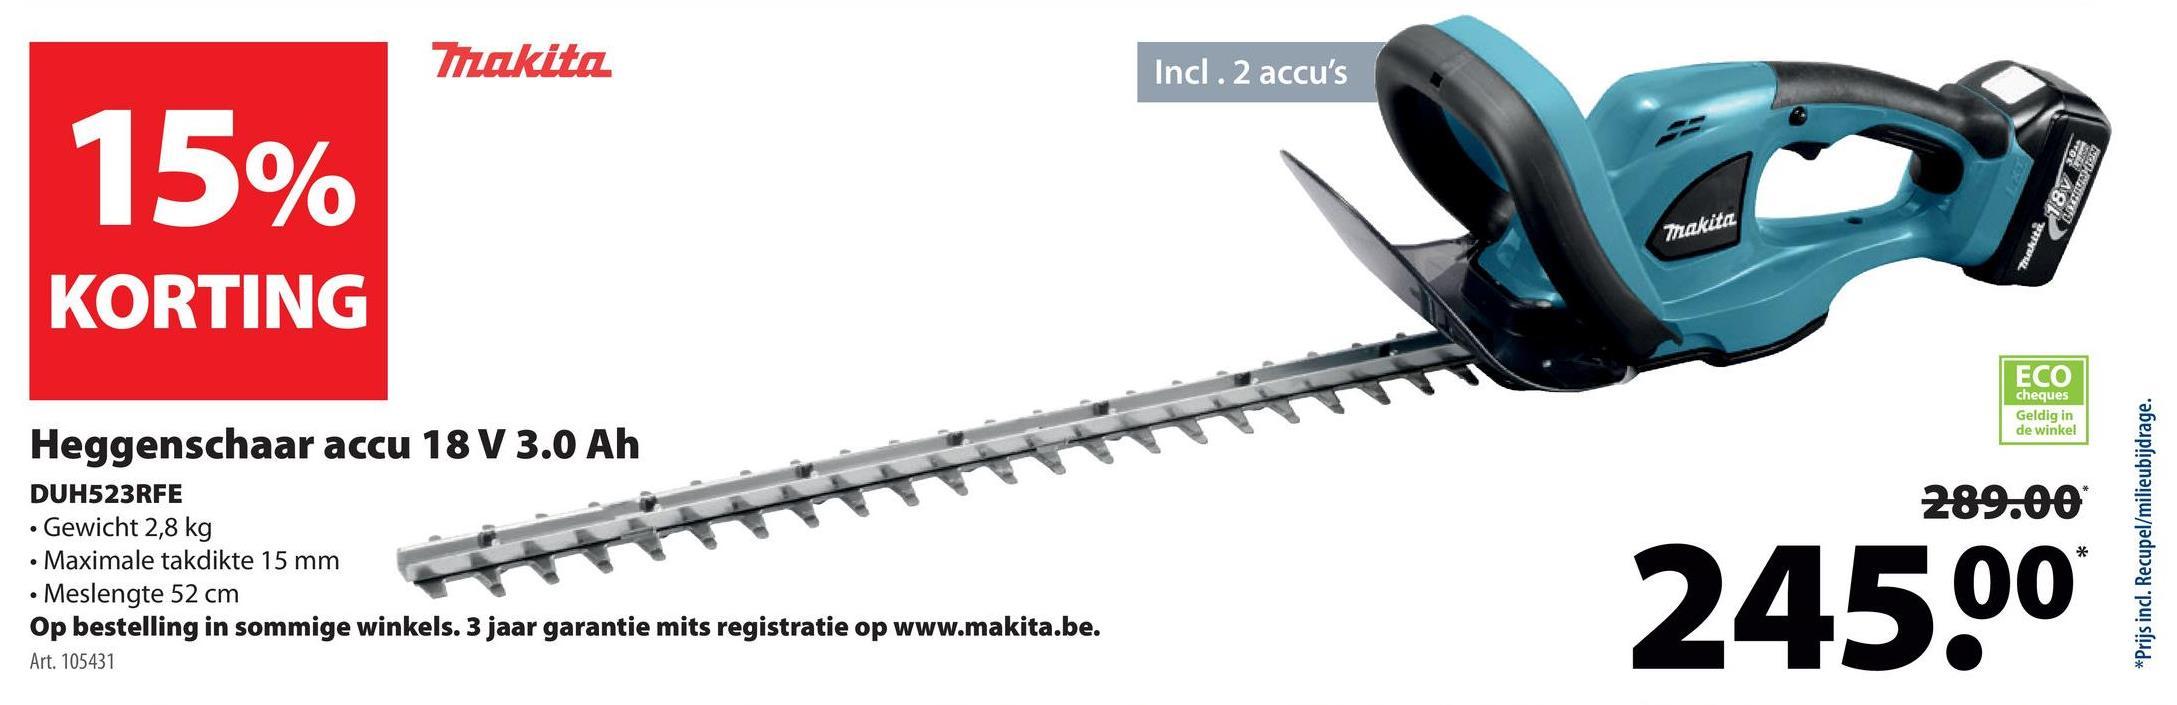 Trakita Incl.2 accu's 15% Makita Trustega KORTING ECO cheques Geldig in de winkel 289.00 Heggenschaar accu 18 V 3.0 Ah DUH523RFE • Gewicht 2,8 kg • Maximale takdikte 15 mm • Meslengte 52 cm Op bestelling in sommige winkels. 3 jaar garantie mits registratie op www.makita.be. Art. 105431 245.00 *Prijs inc. Recupel/milieubijdrage.